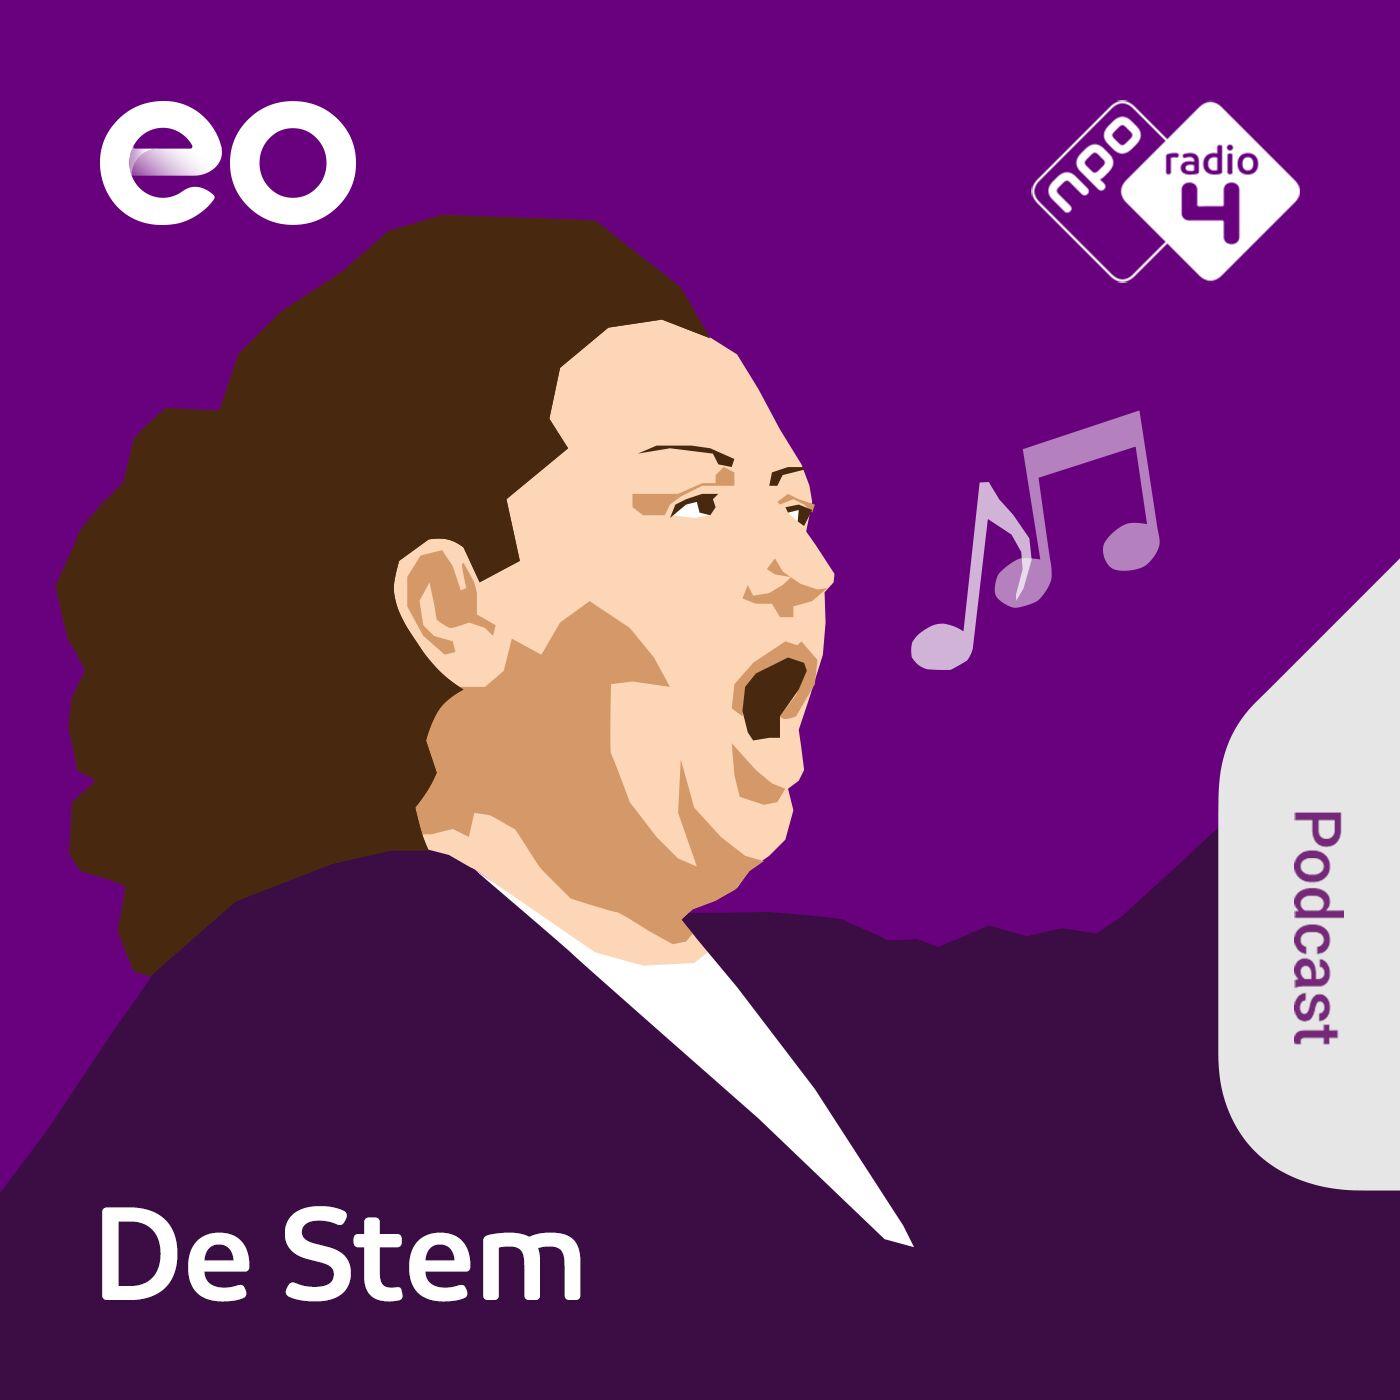 De Stem logo